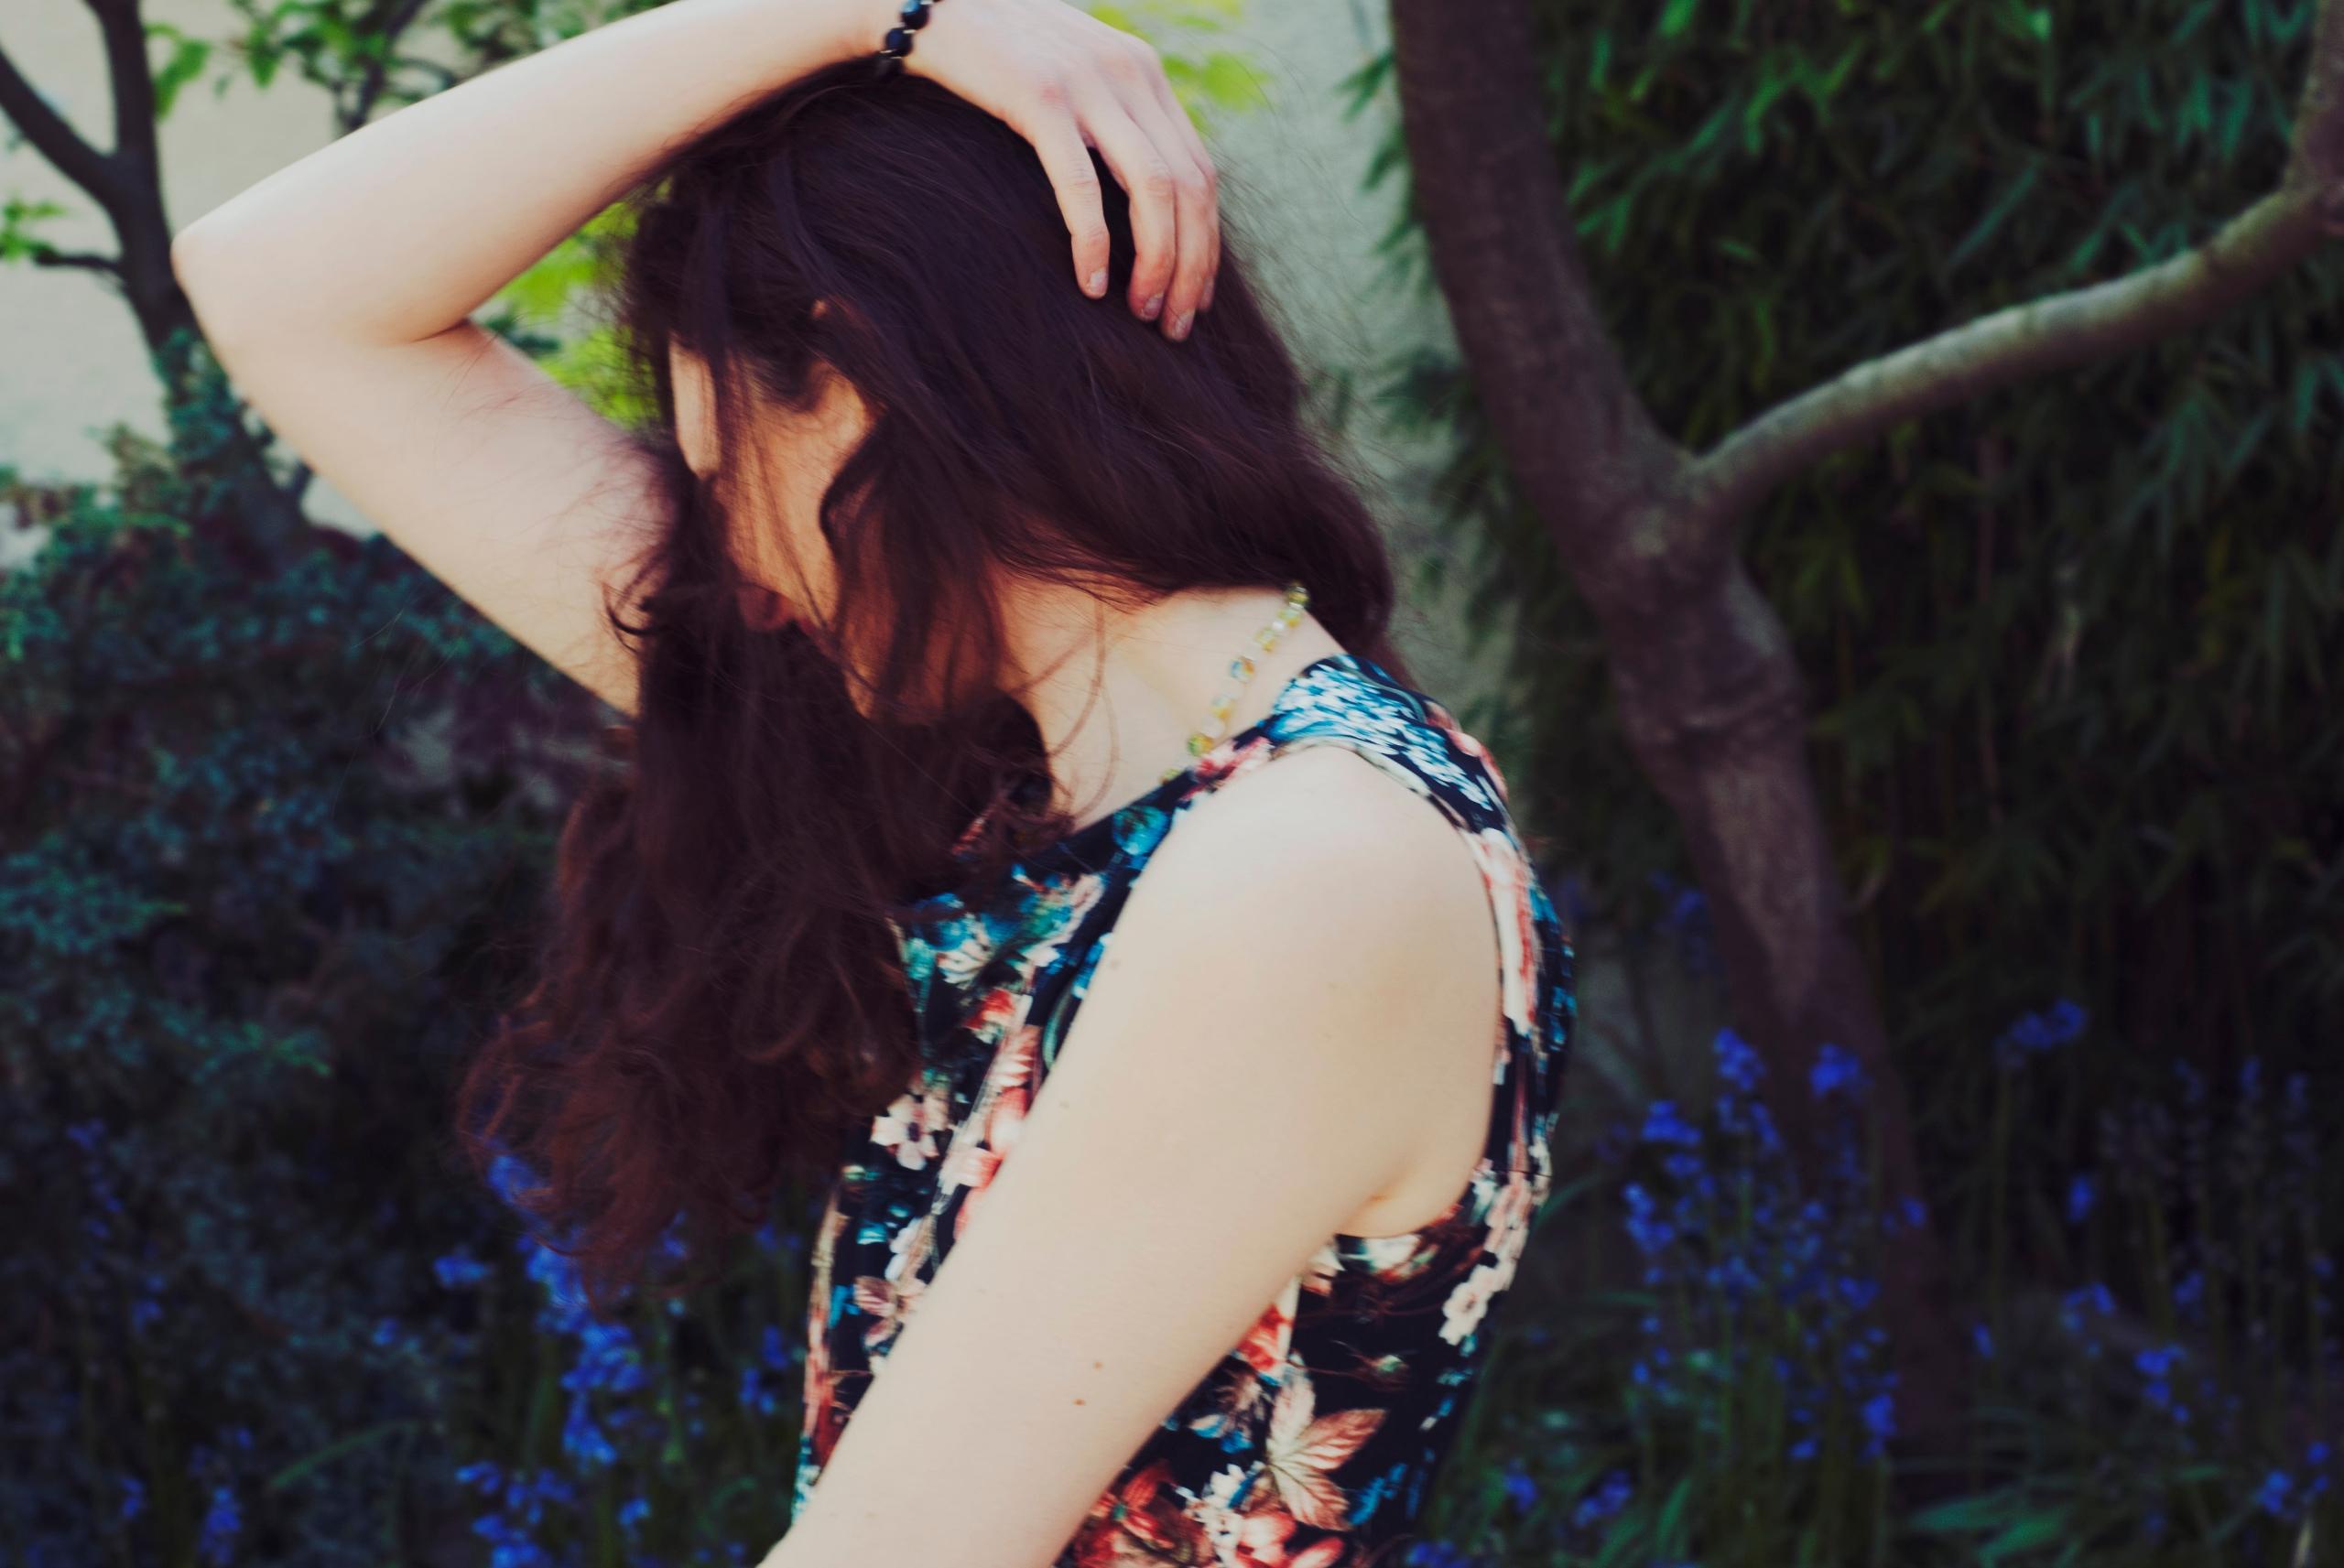 Heart true beggar summer live s - helenina   ello